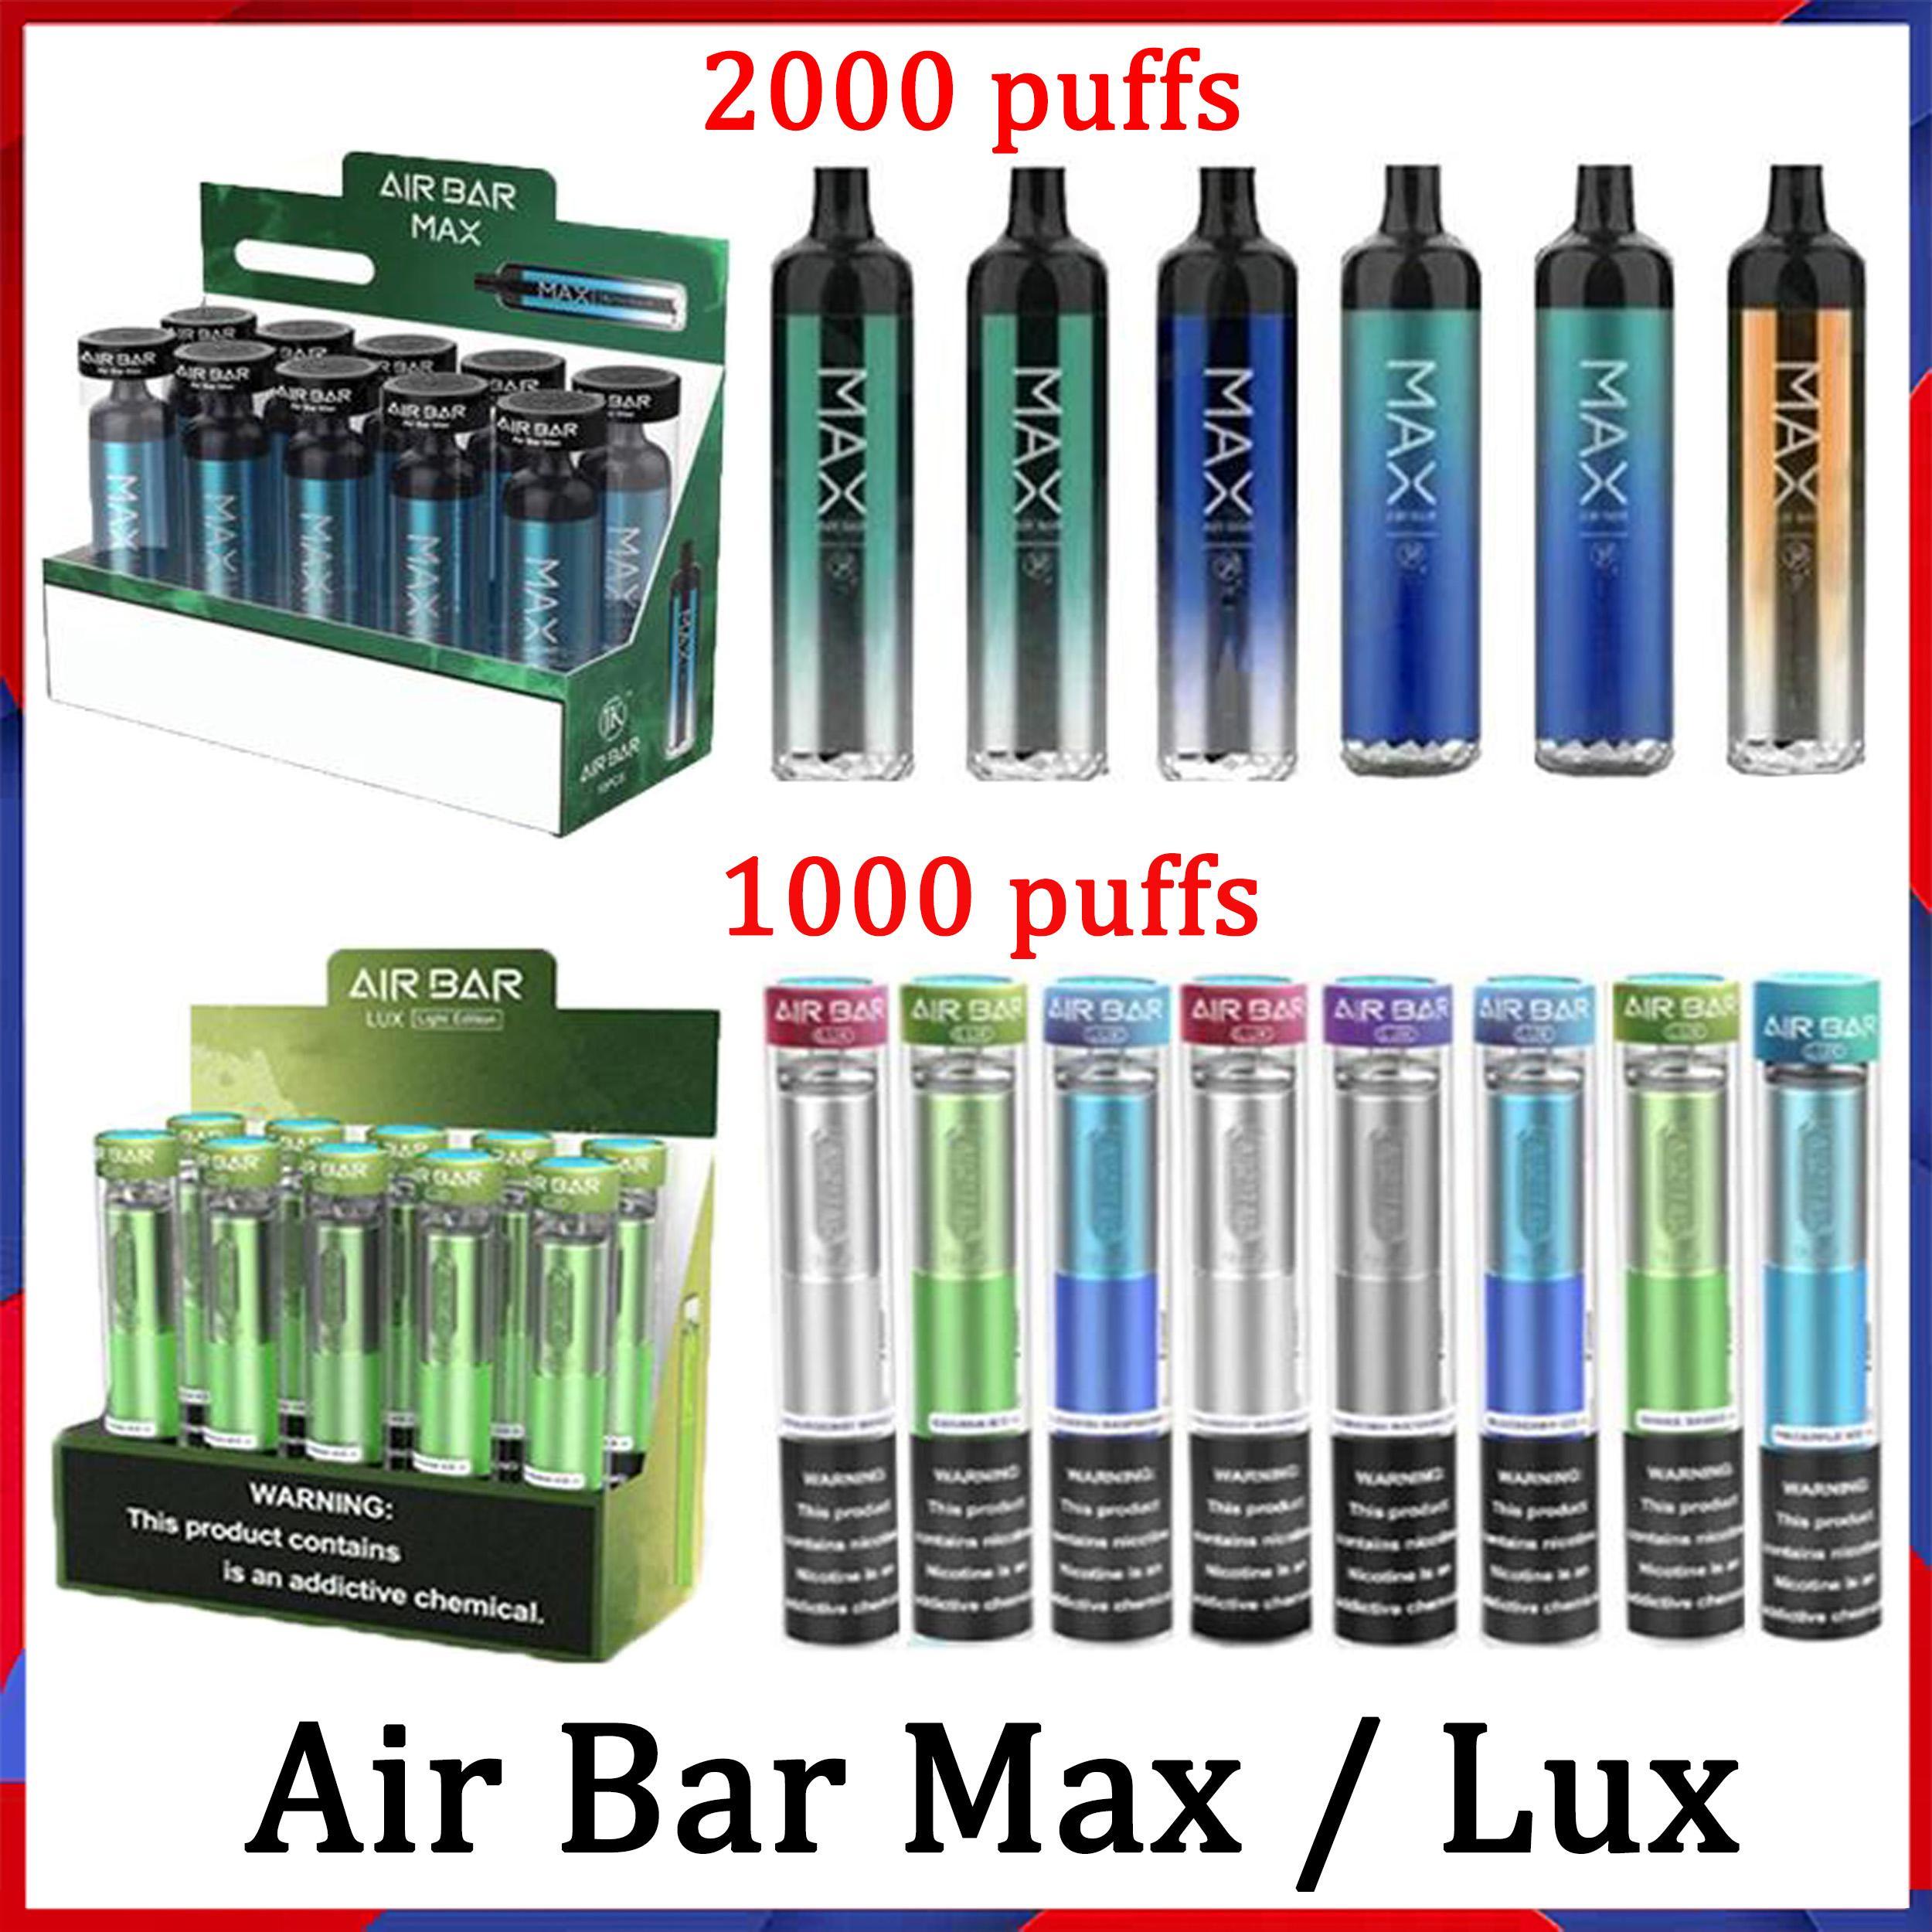 Air Bar Max Lux Dispositivo Descartável Pods E Cigarro Airbar 1250Mah Cartuchos Prefalcados 6.5ml Starter Kits 12 Cores Vaporizador Oil Cartins